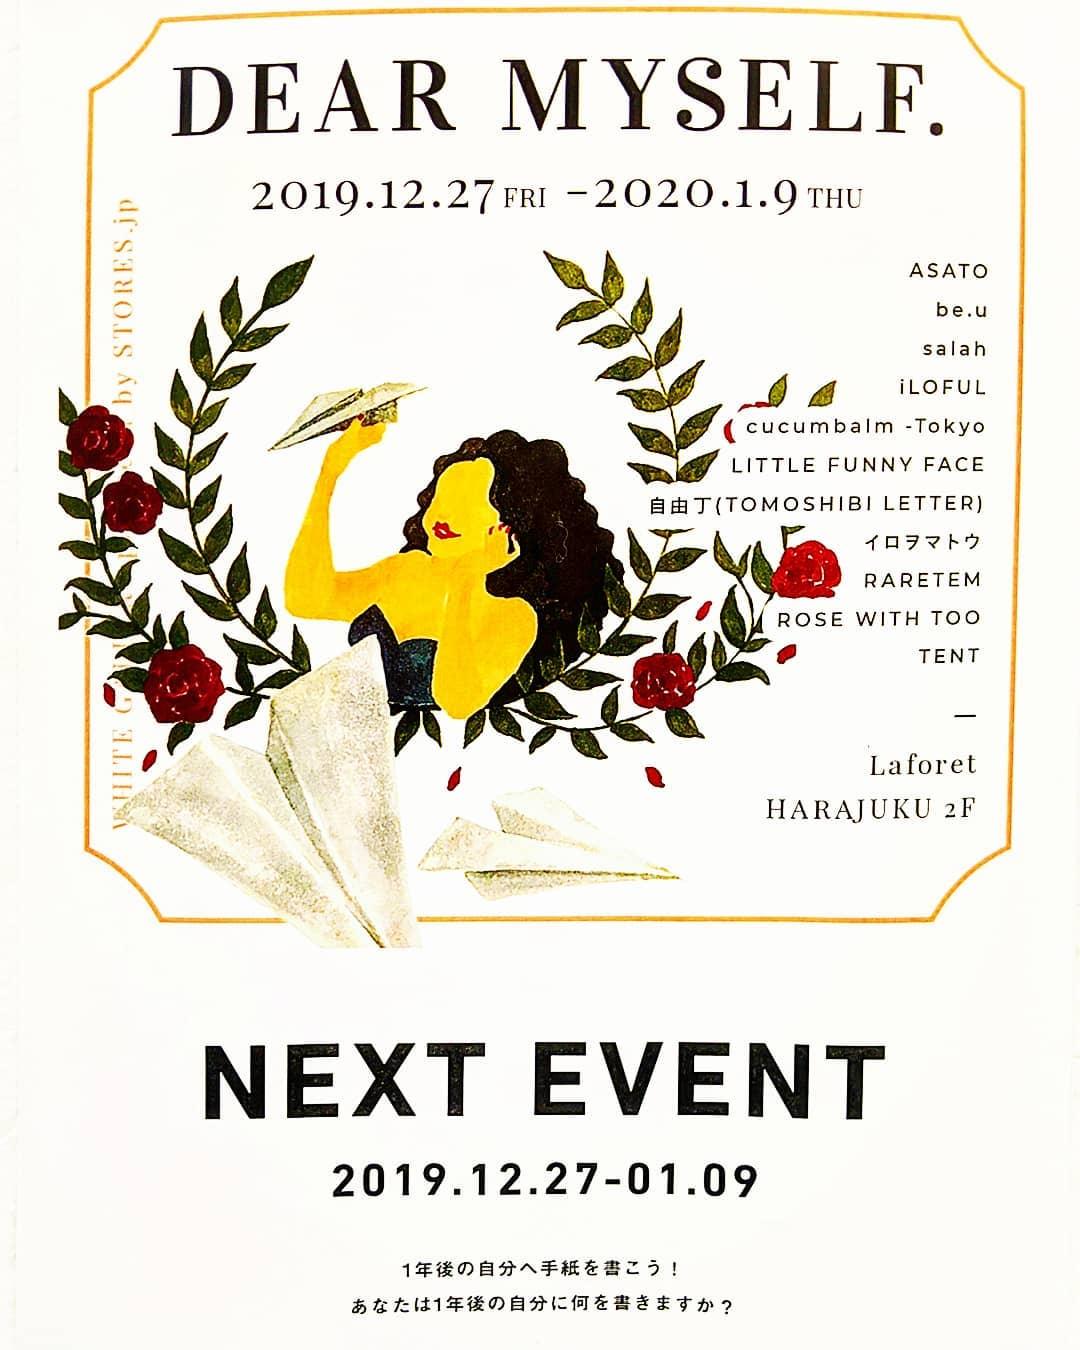 ラフォーレ原宿「WHITE GALLERY」に出店!12/27-1/9